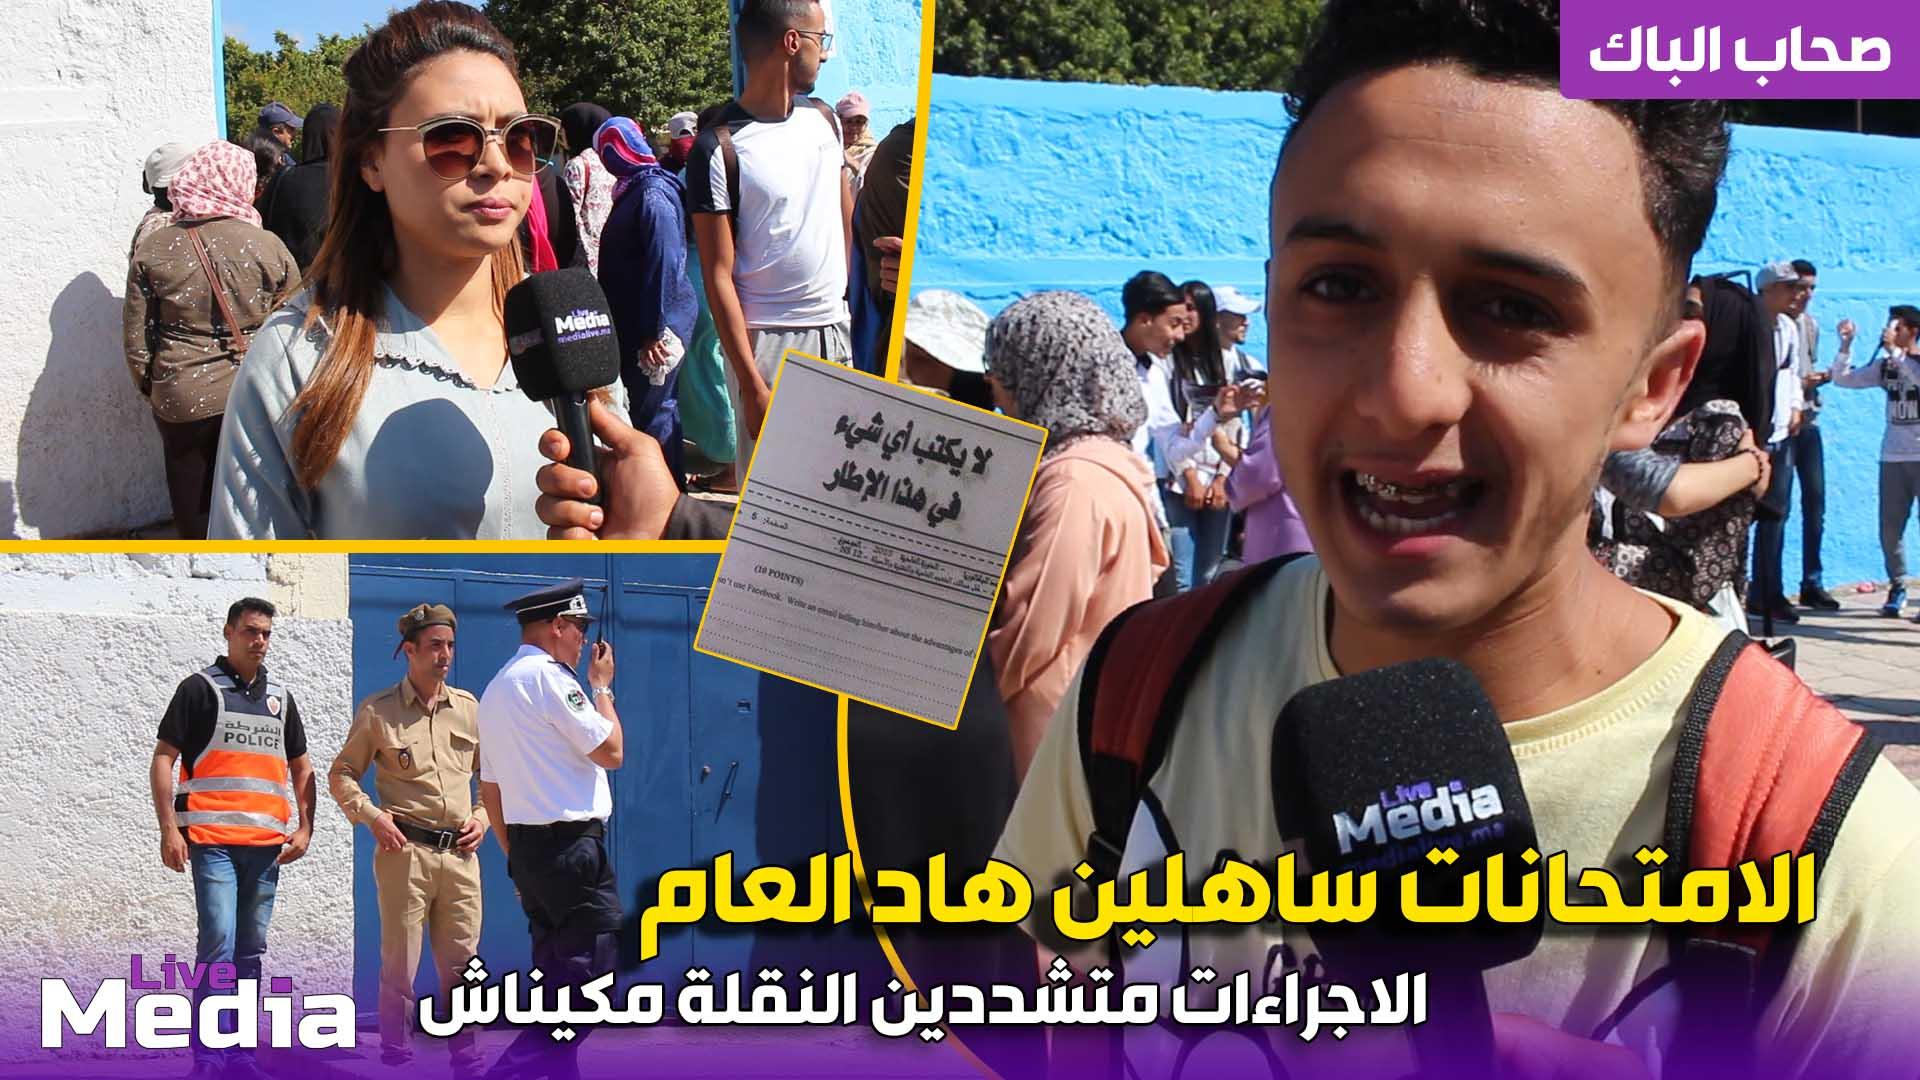 صحاب الباك ناشطين .. الامتحان جاهم ساهل هاد العام رغم الاجراءات المتشددة بالمحمدية